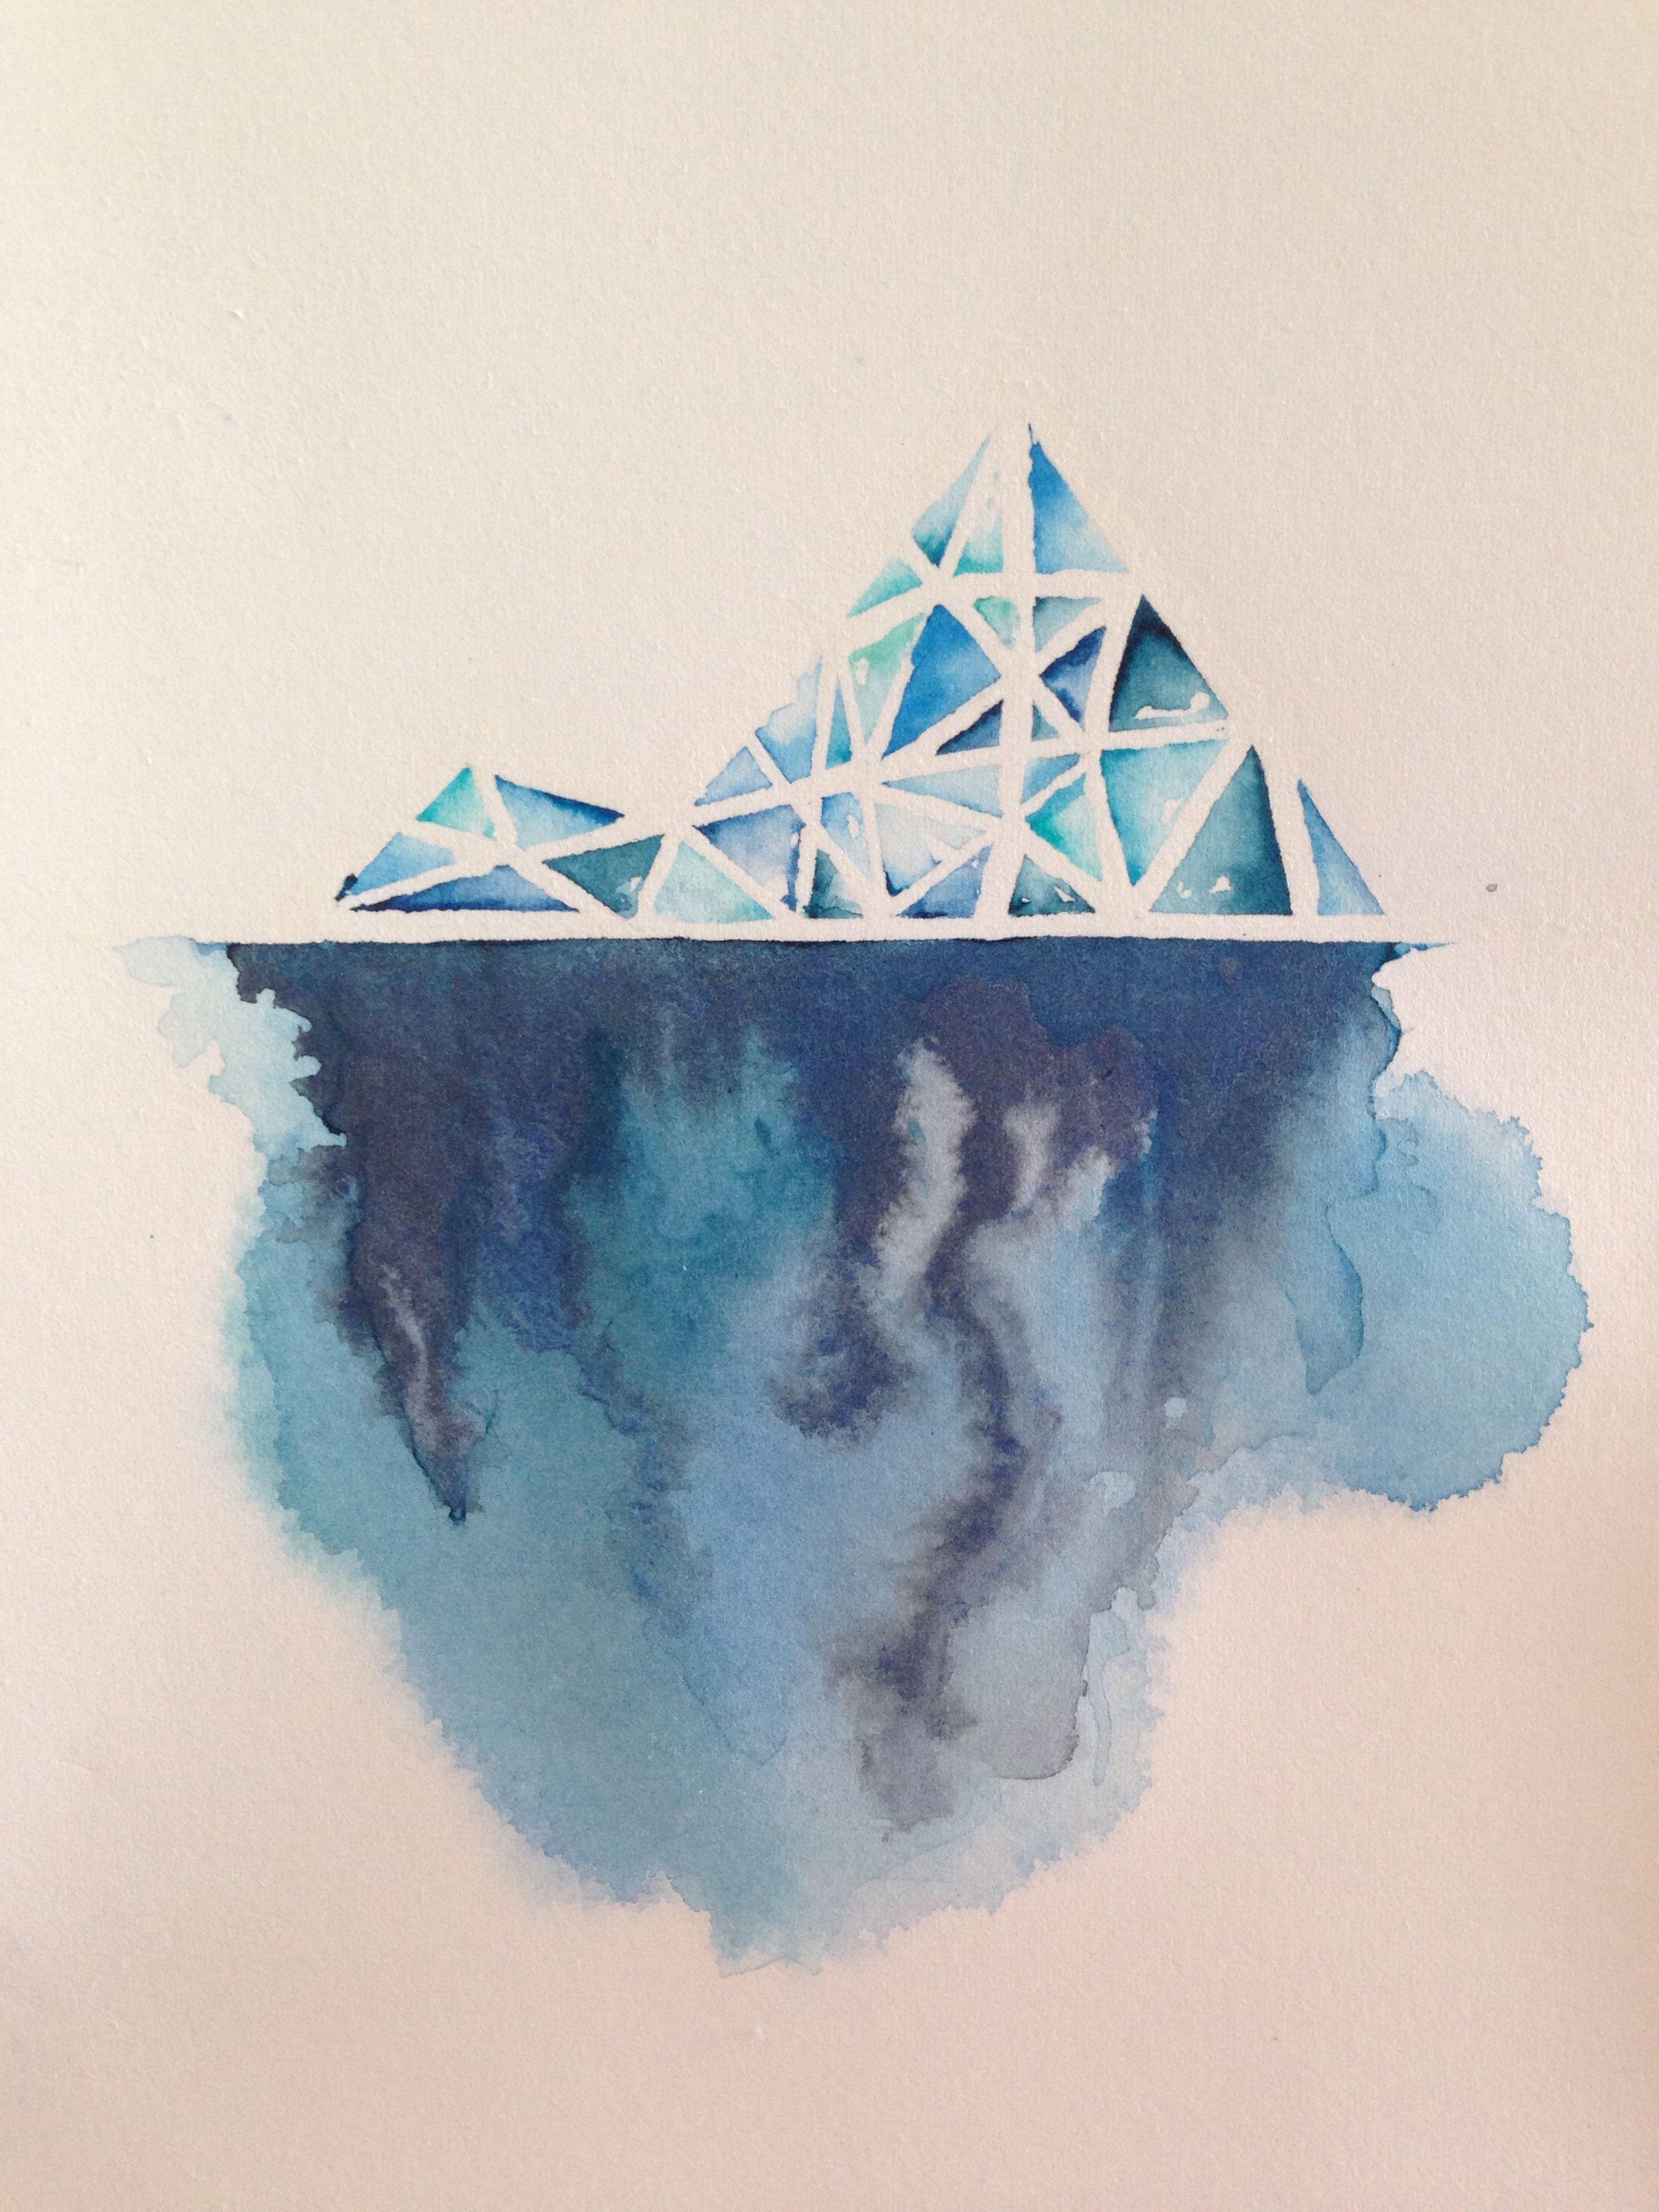 iceberg series the storm